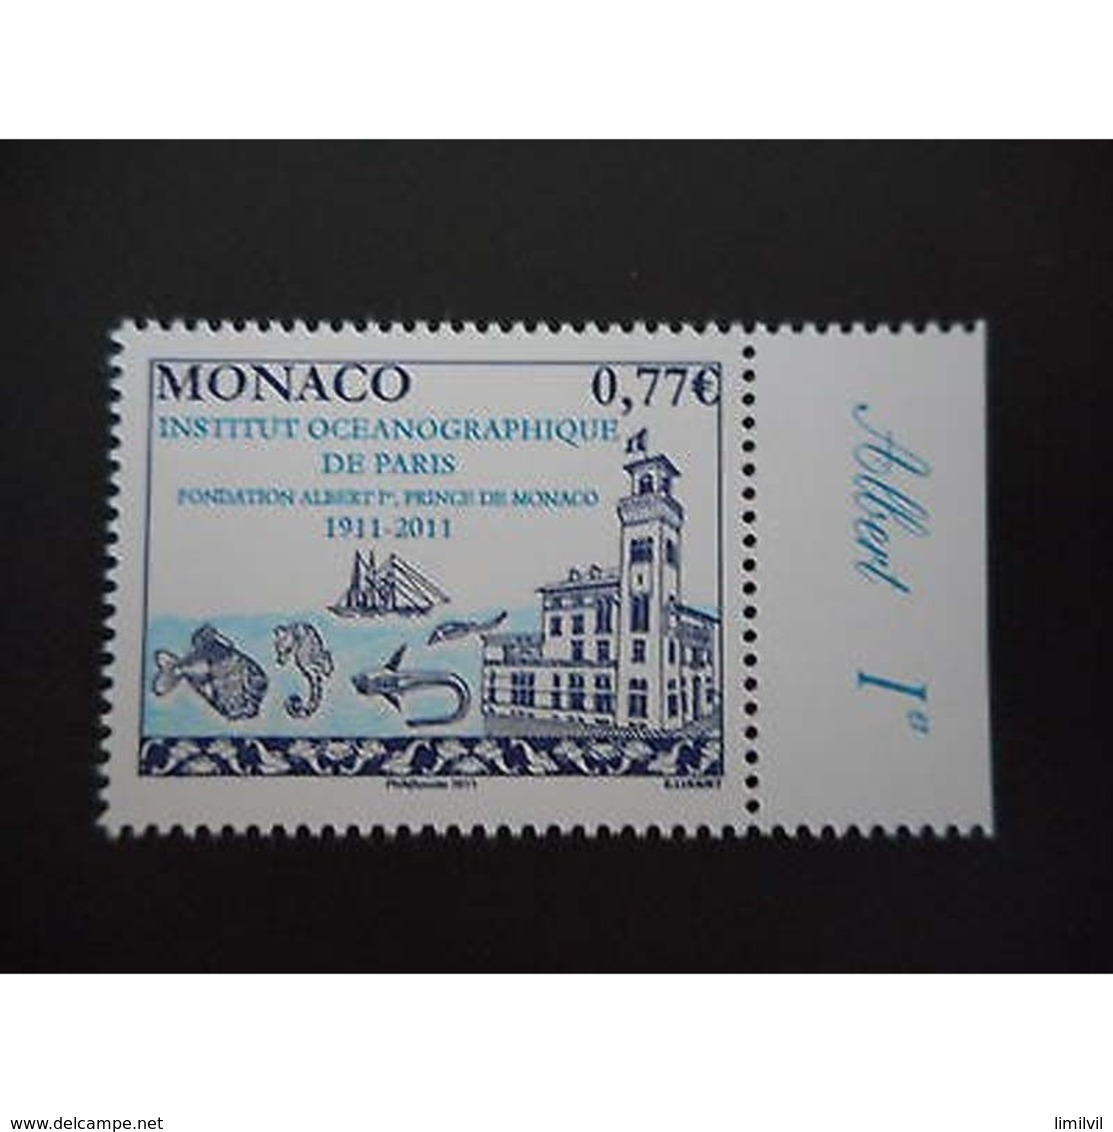 Timbre N° 2796 Neuf ** - Centenaire De L'institut Océanographique De Paris - Monaco